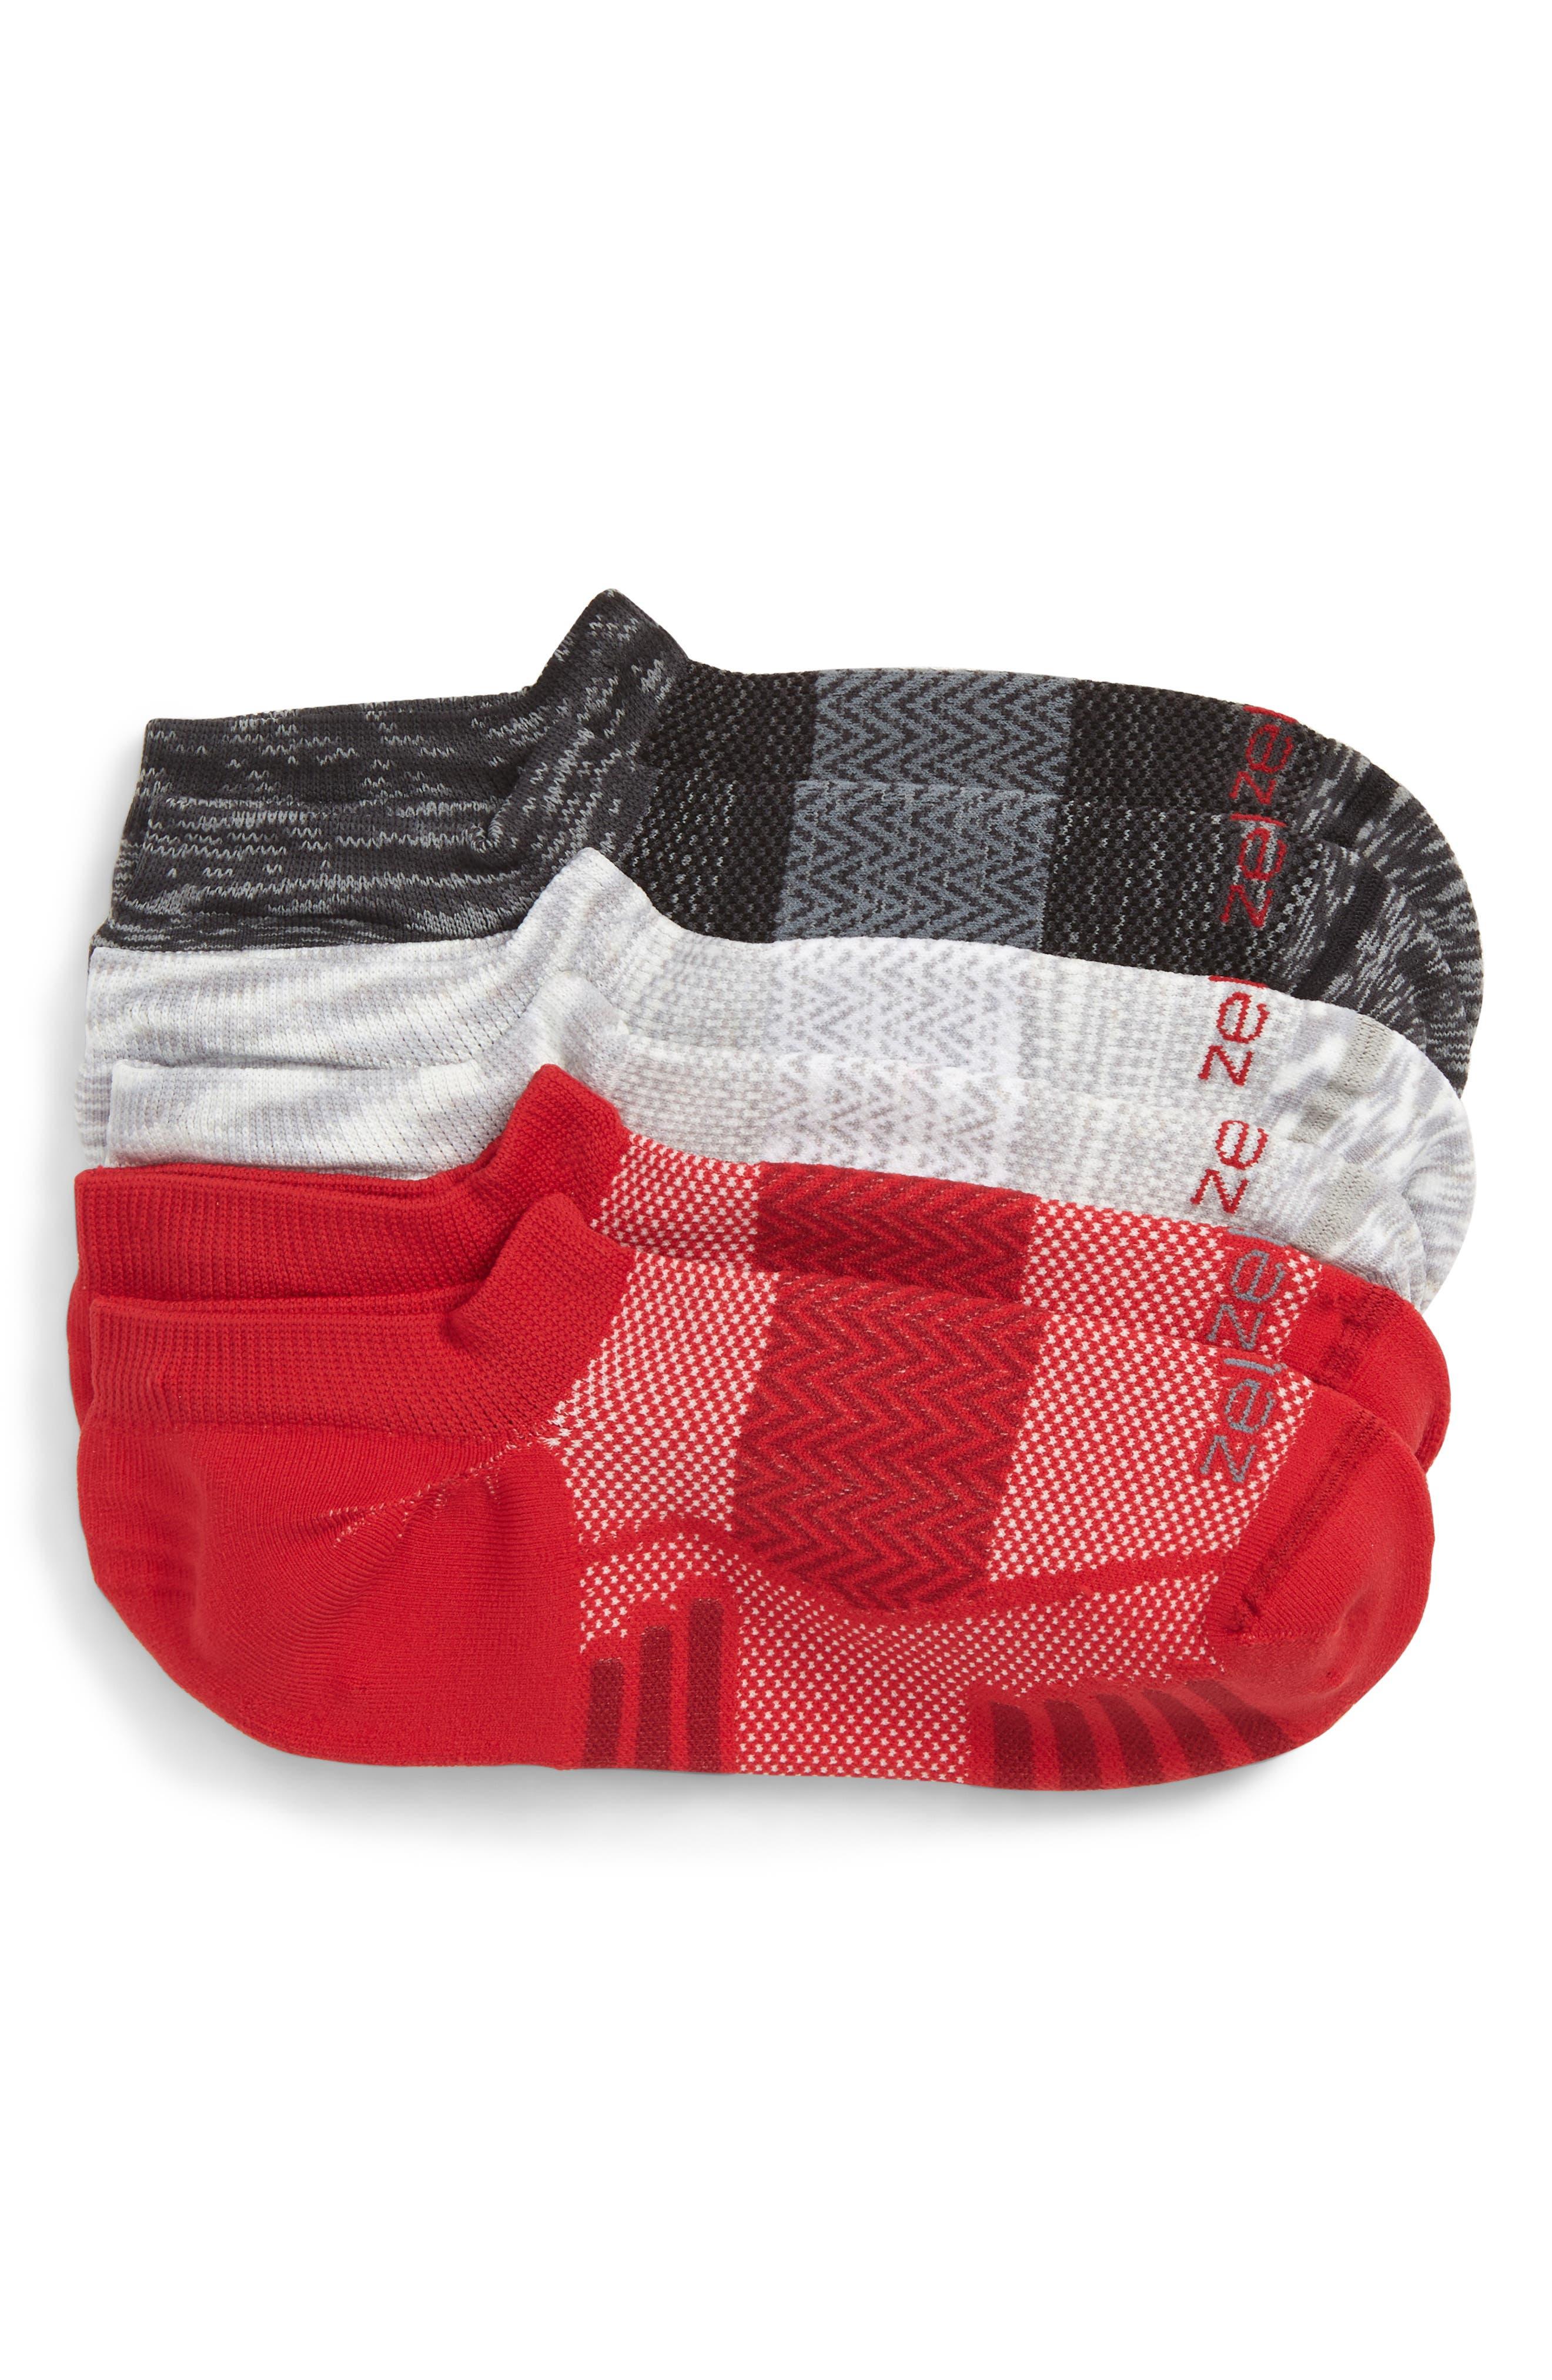 ZELLA 3-Pack Ultra Light Running Socks, Main, color, GREY/ RED/ BLACK